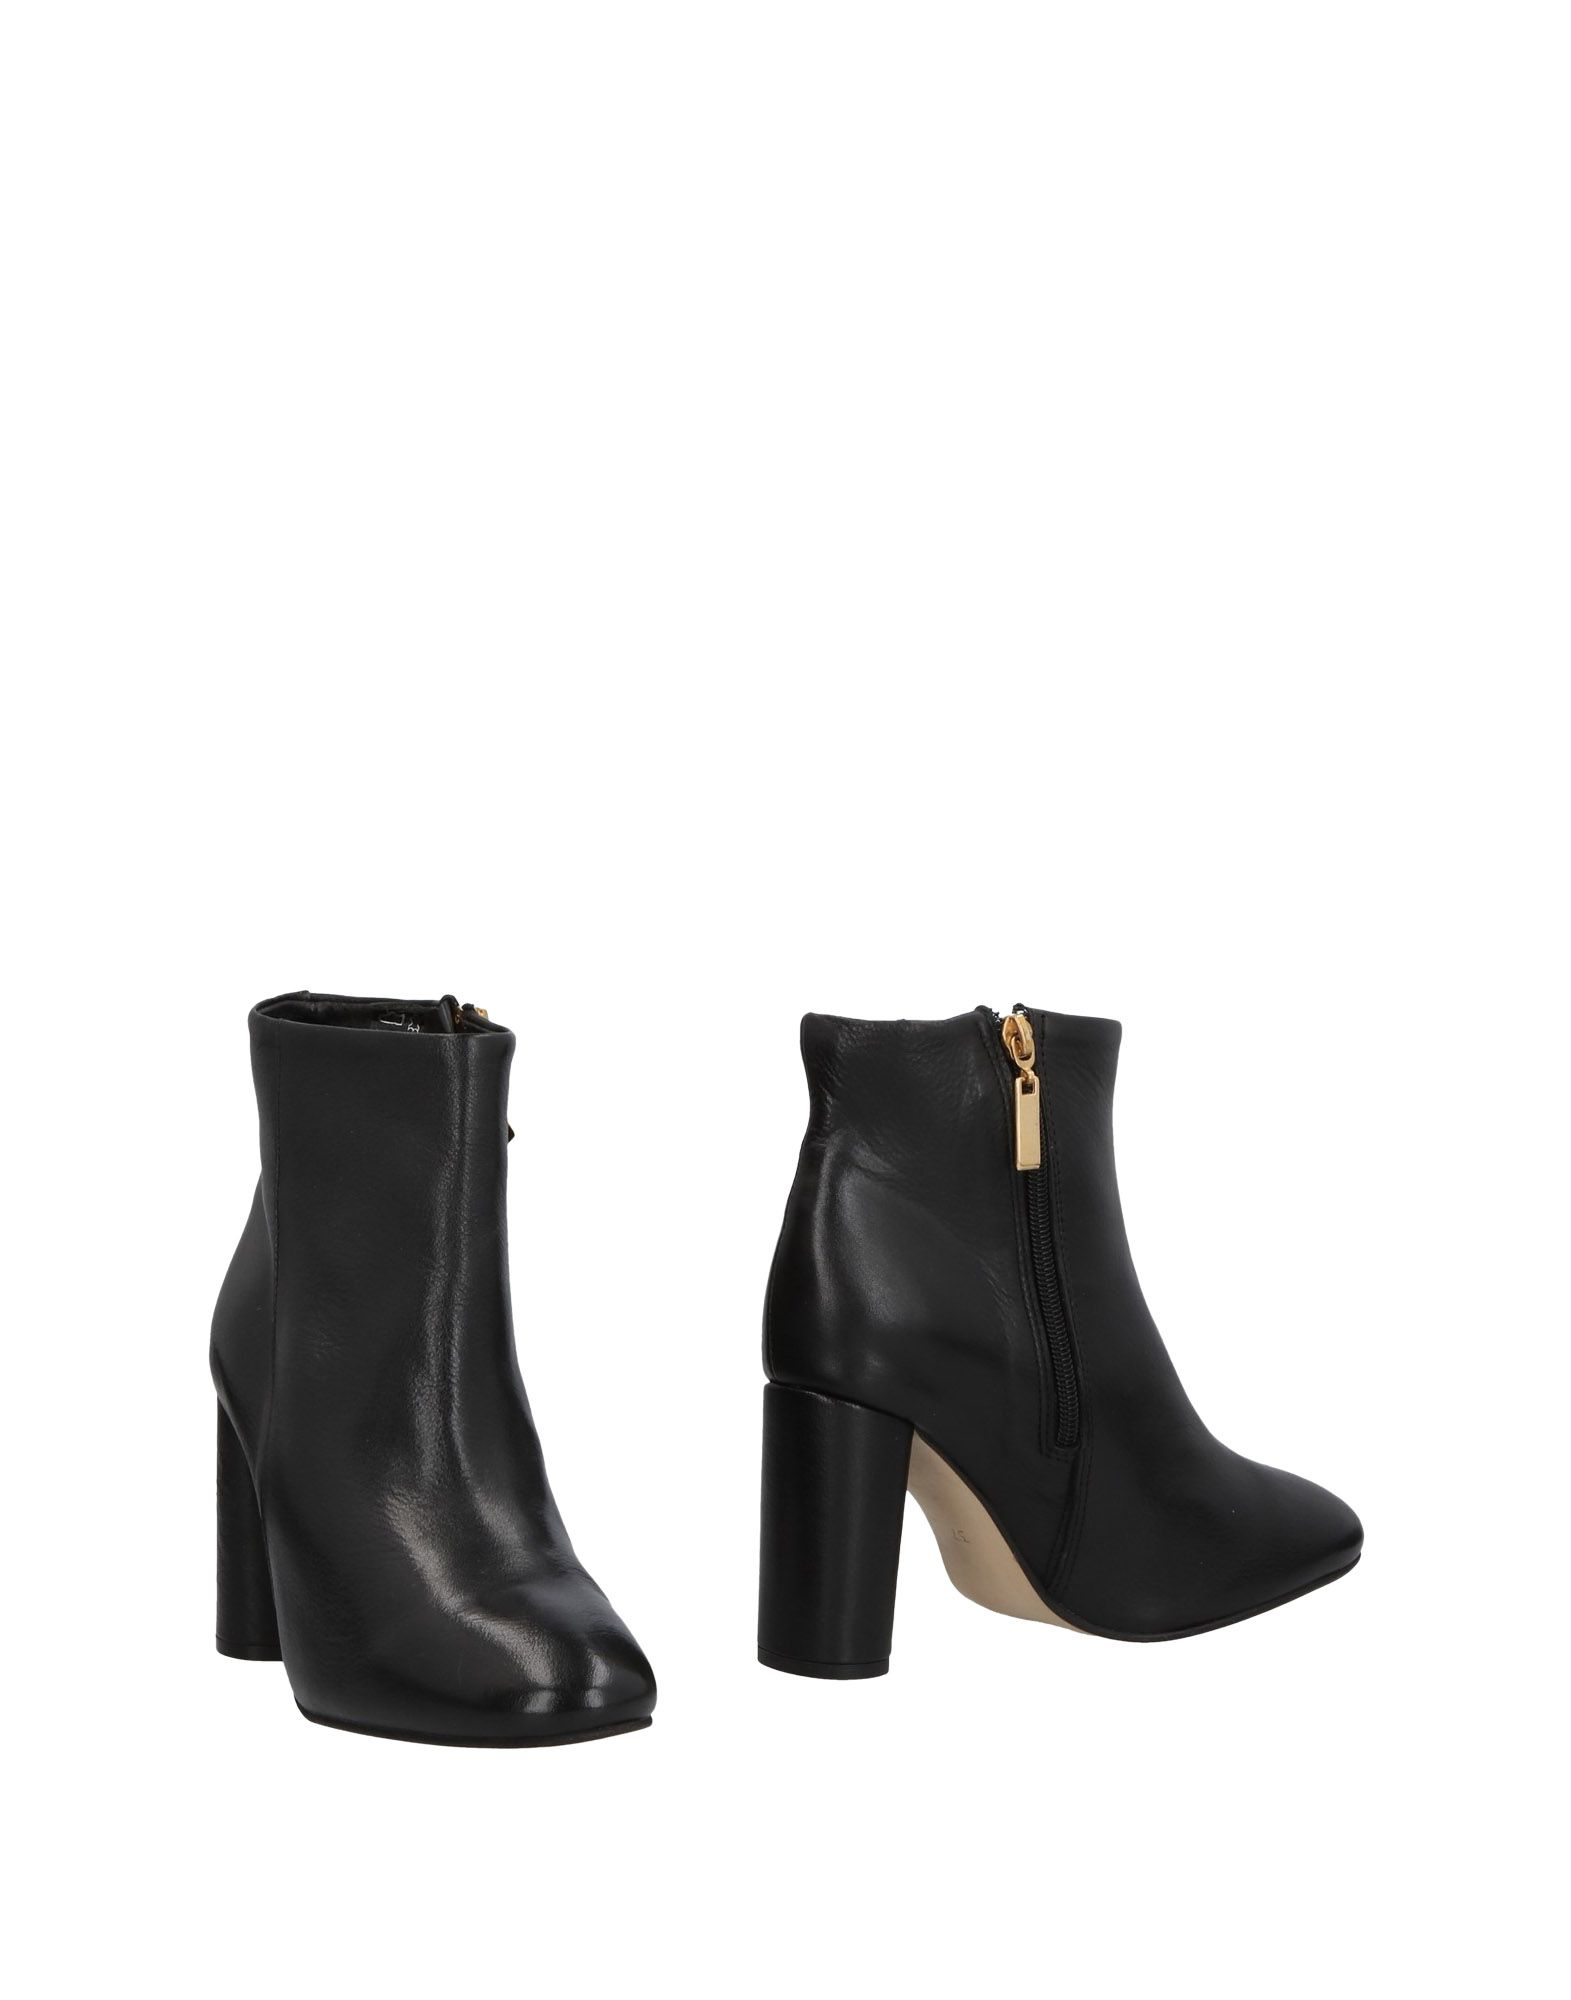 SACHA Полусапоги и высокие ботинки sacha london полусапоги и высокие ботинки